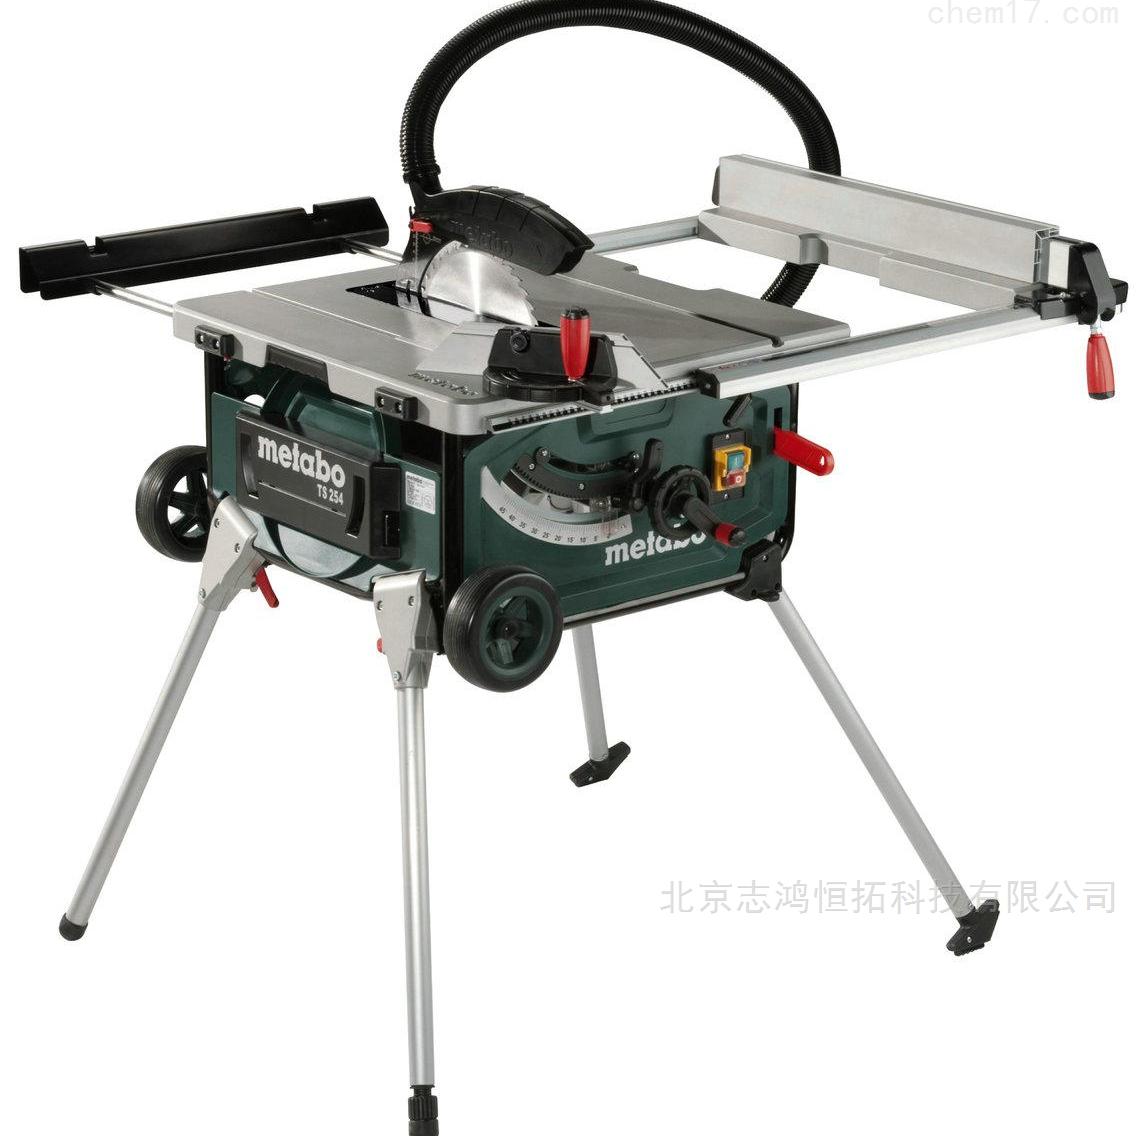 Metabo 木工机械